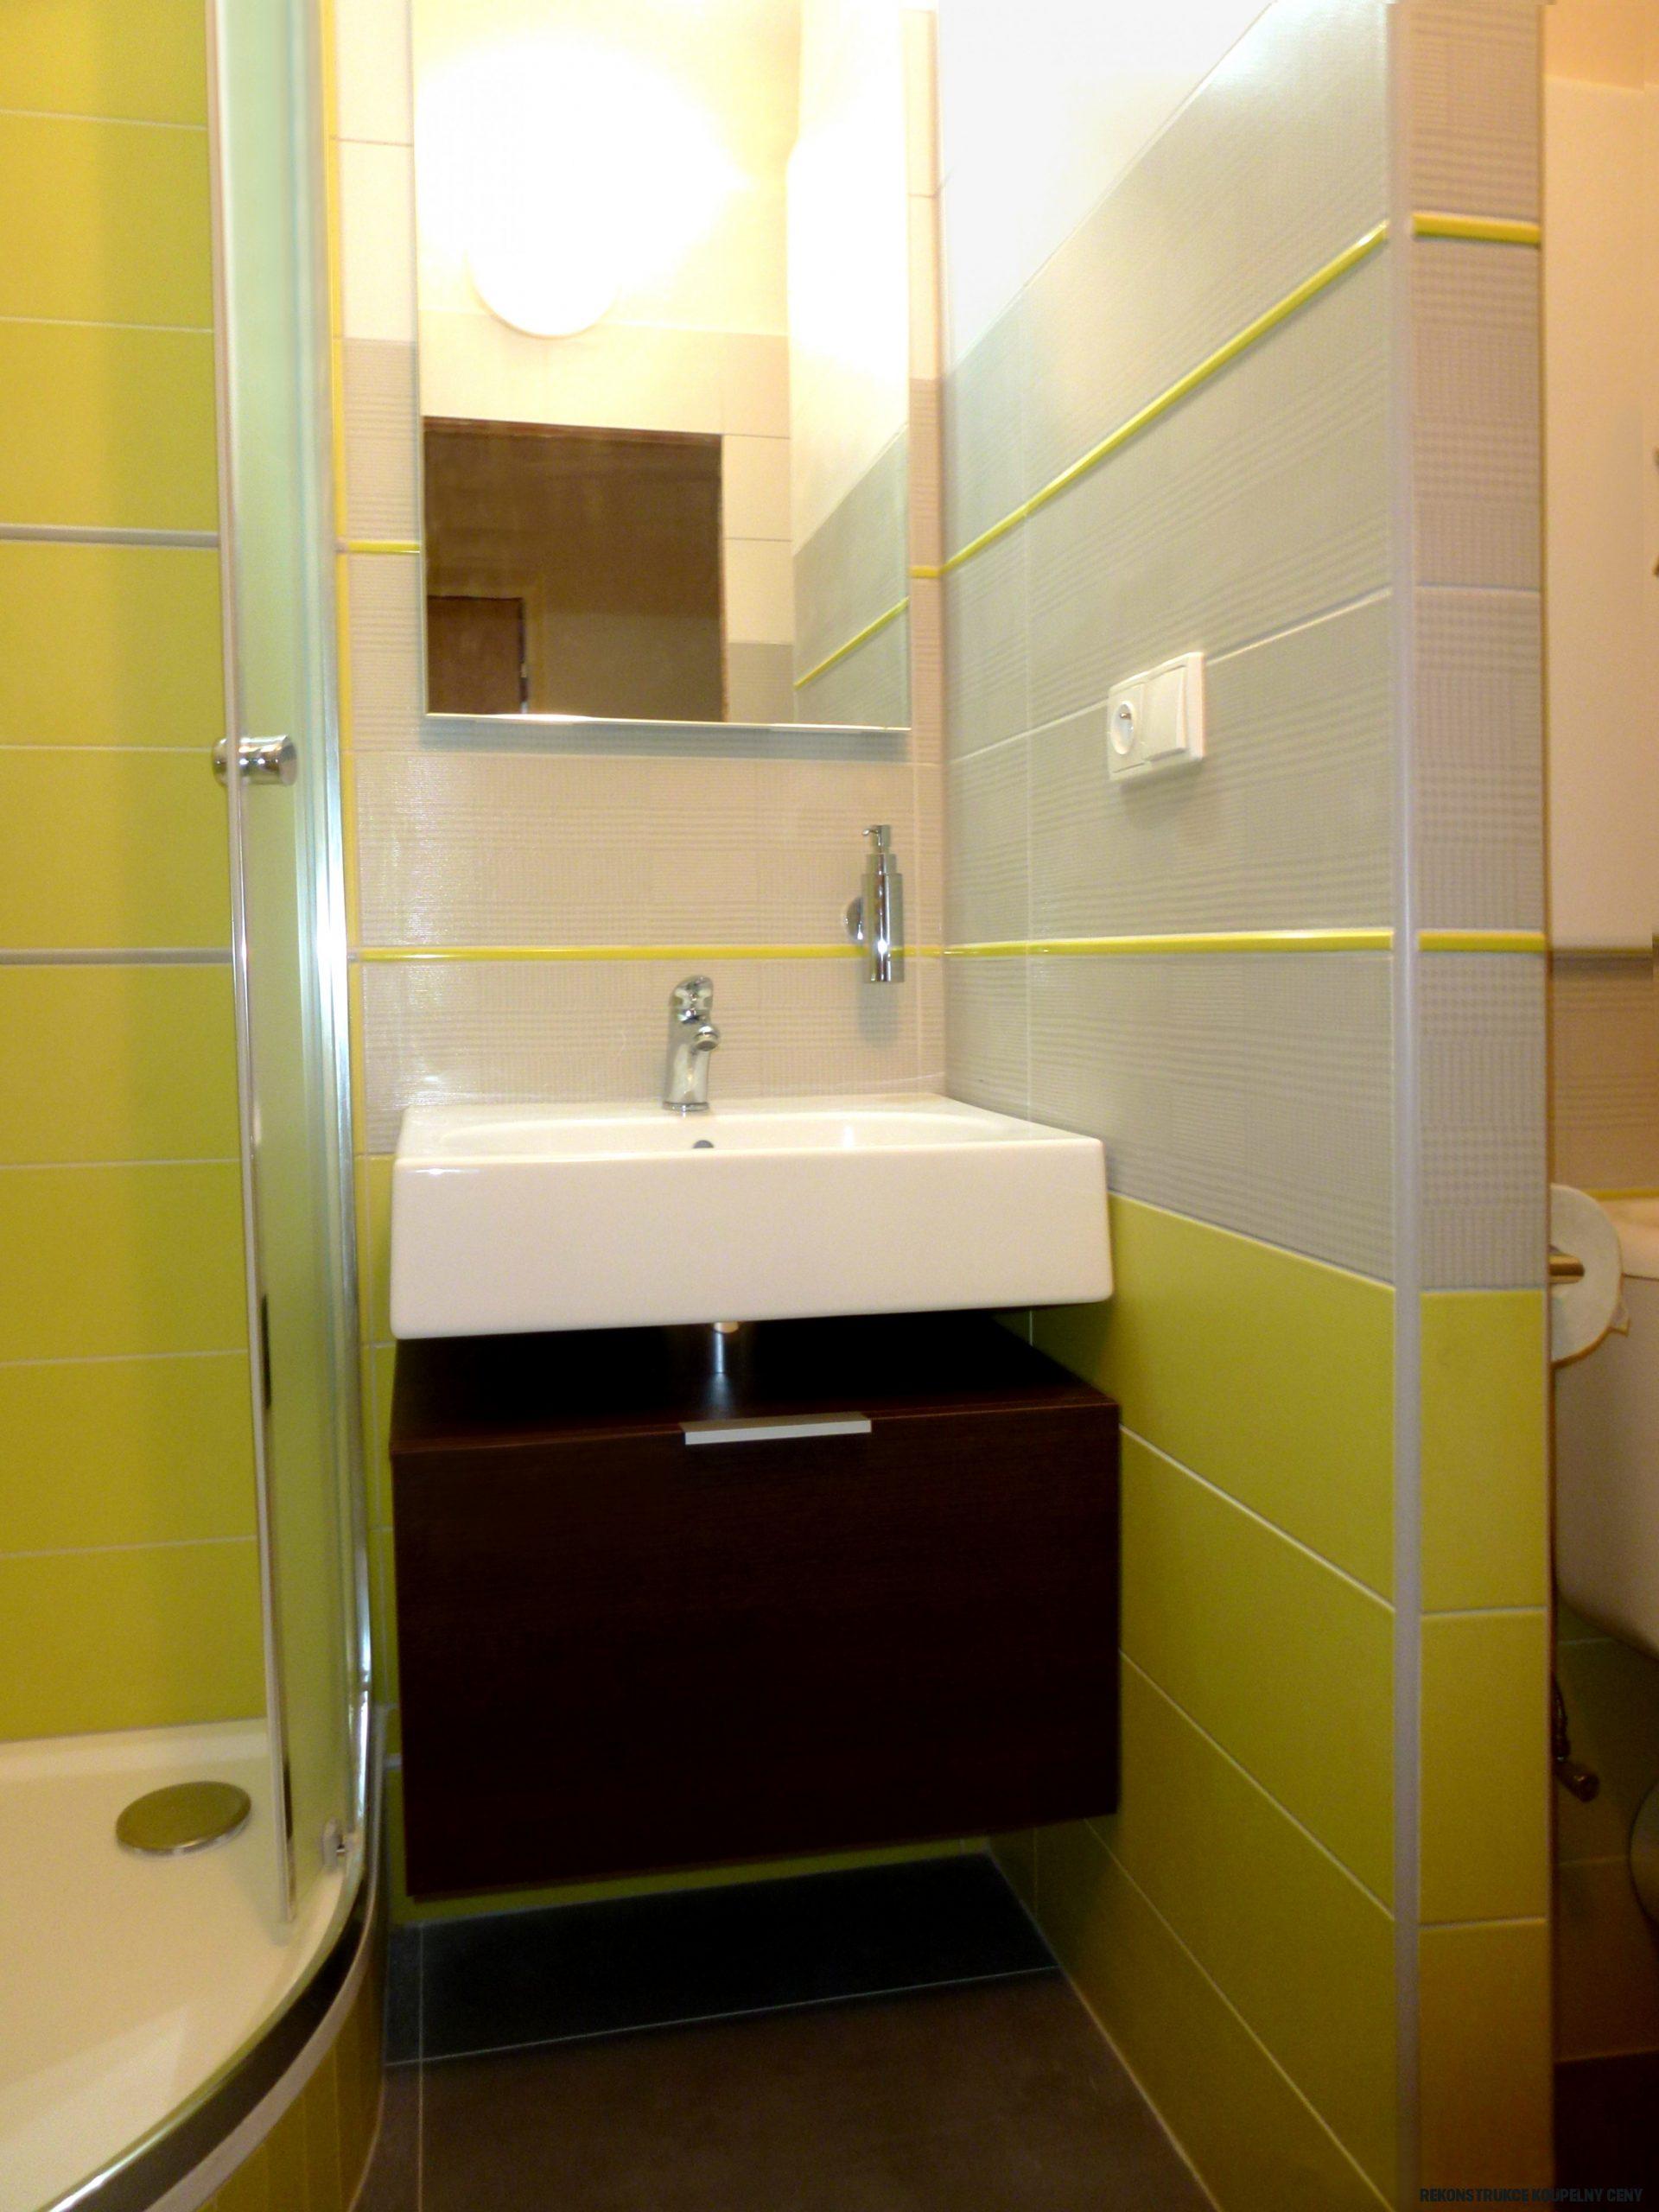 Rekonstrukce koupelny Hradec Králové - zelená koupelna  Koupelny